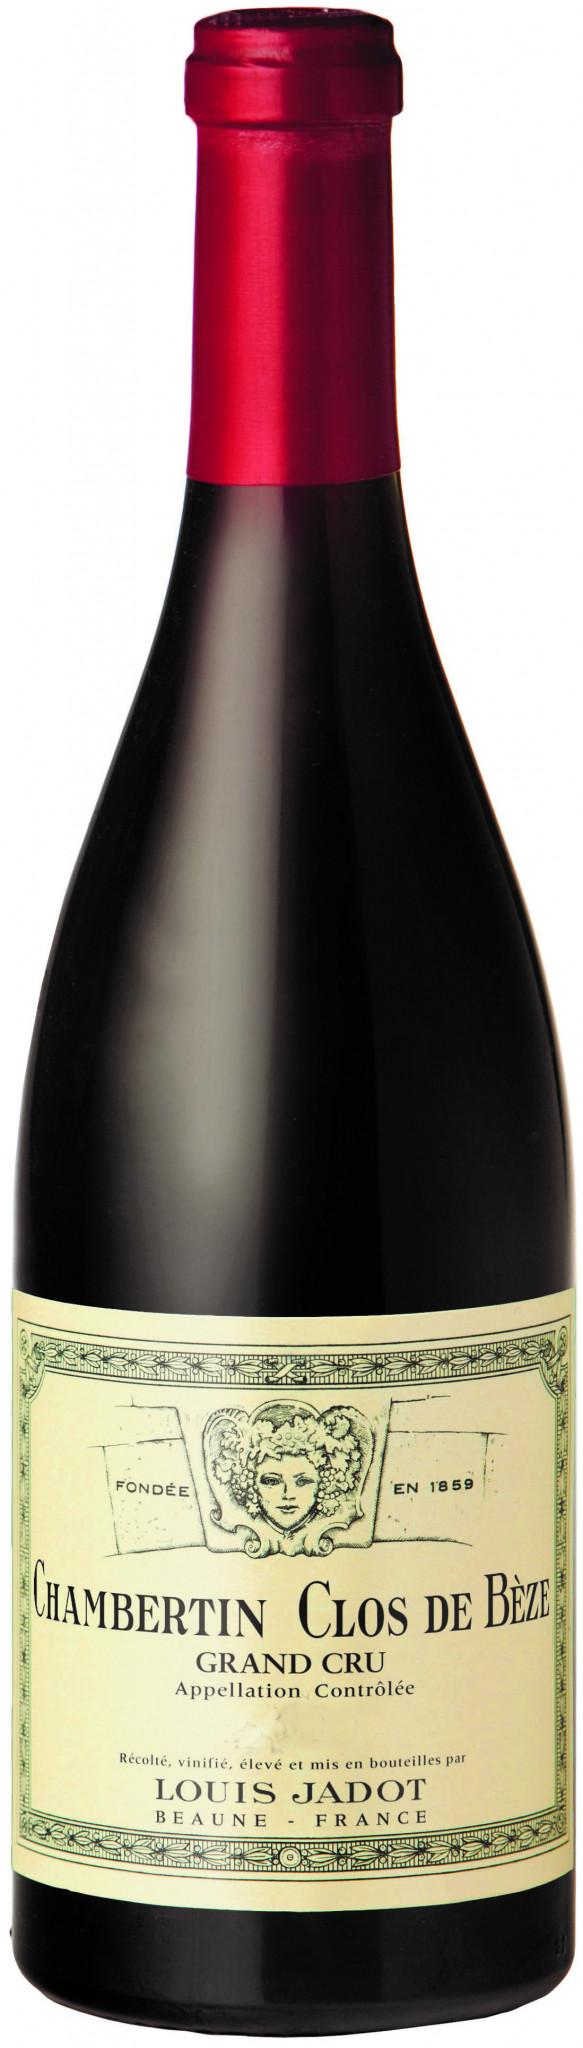 Louis Jadot Chambertin Clos de Bèze_wineaffair